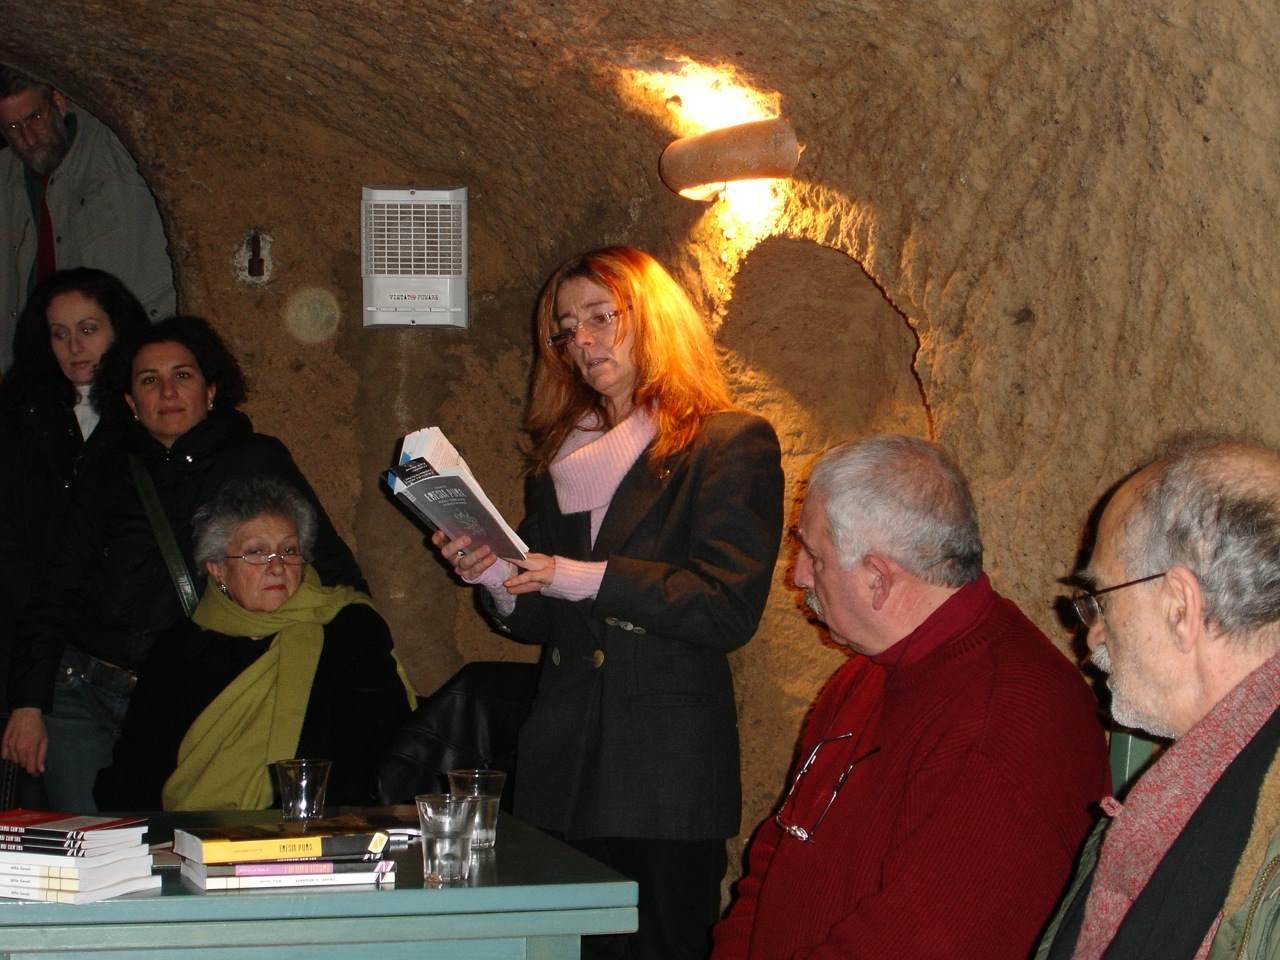 Eresia pura, presentato da Adriano Petta (l'autore), serenella Bischi (la lettrice) e Marcello Baraghini (l'editore di stampa alternativa).